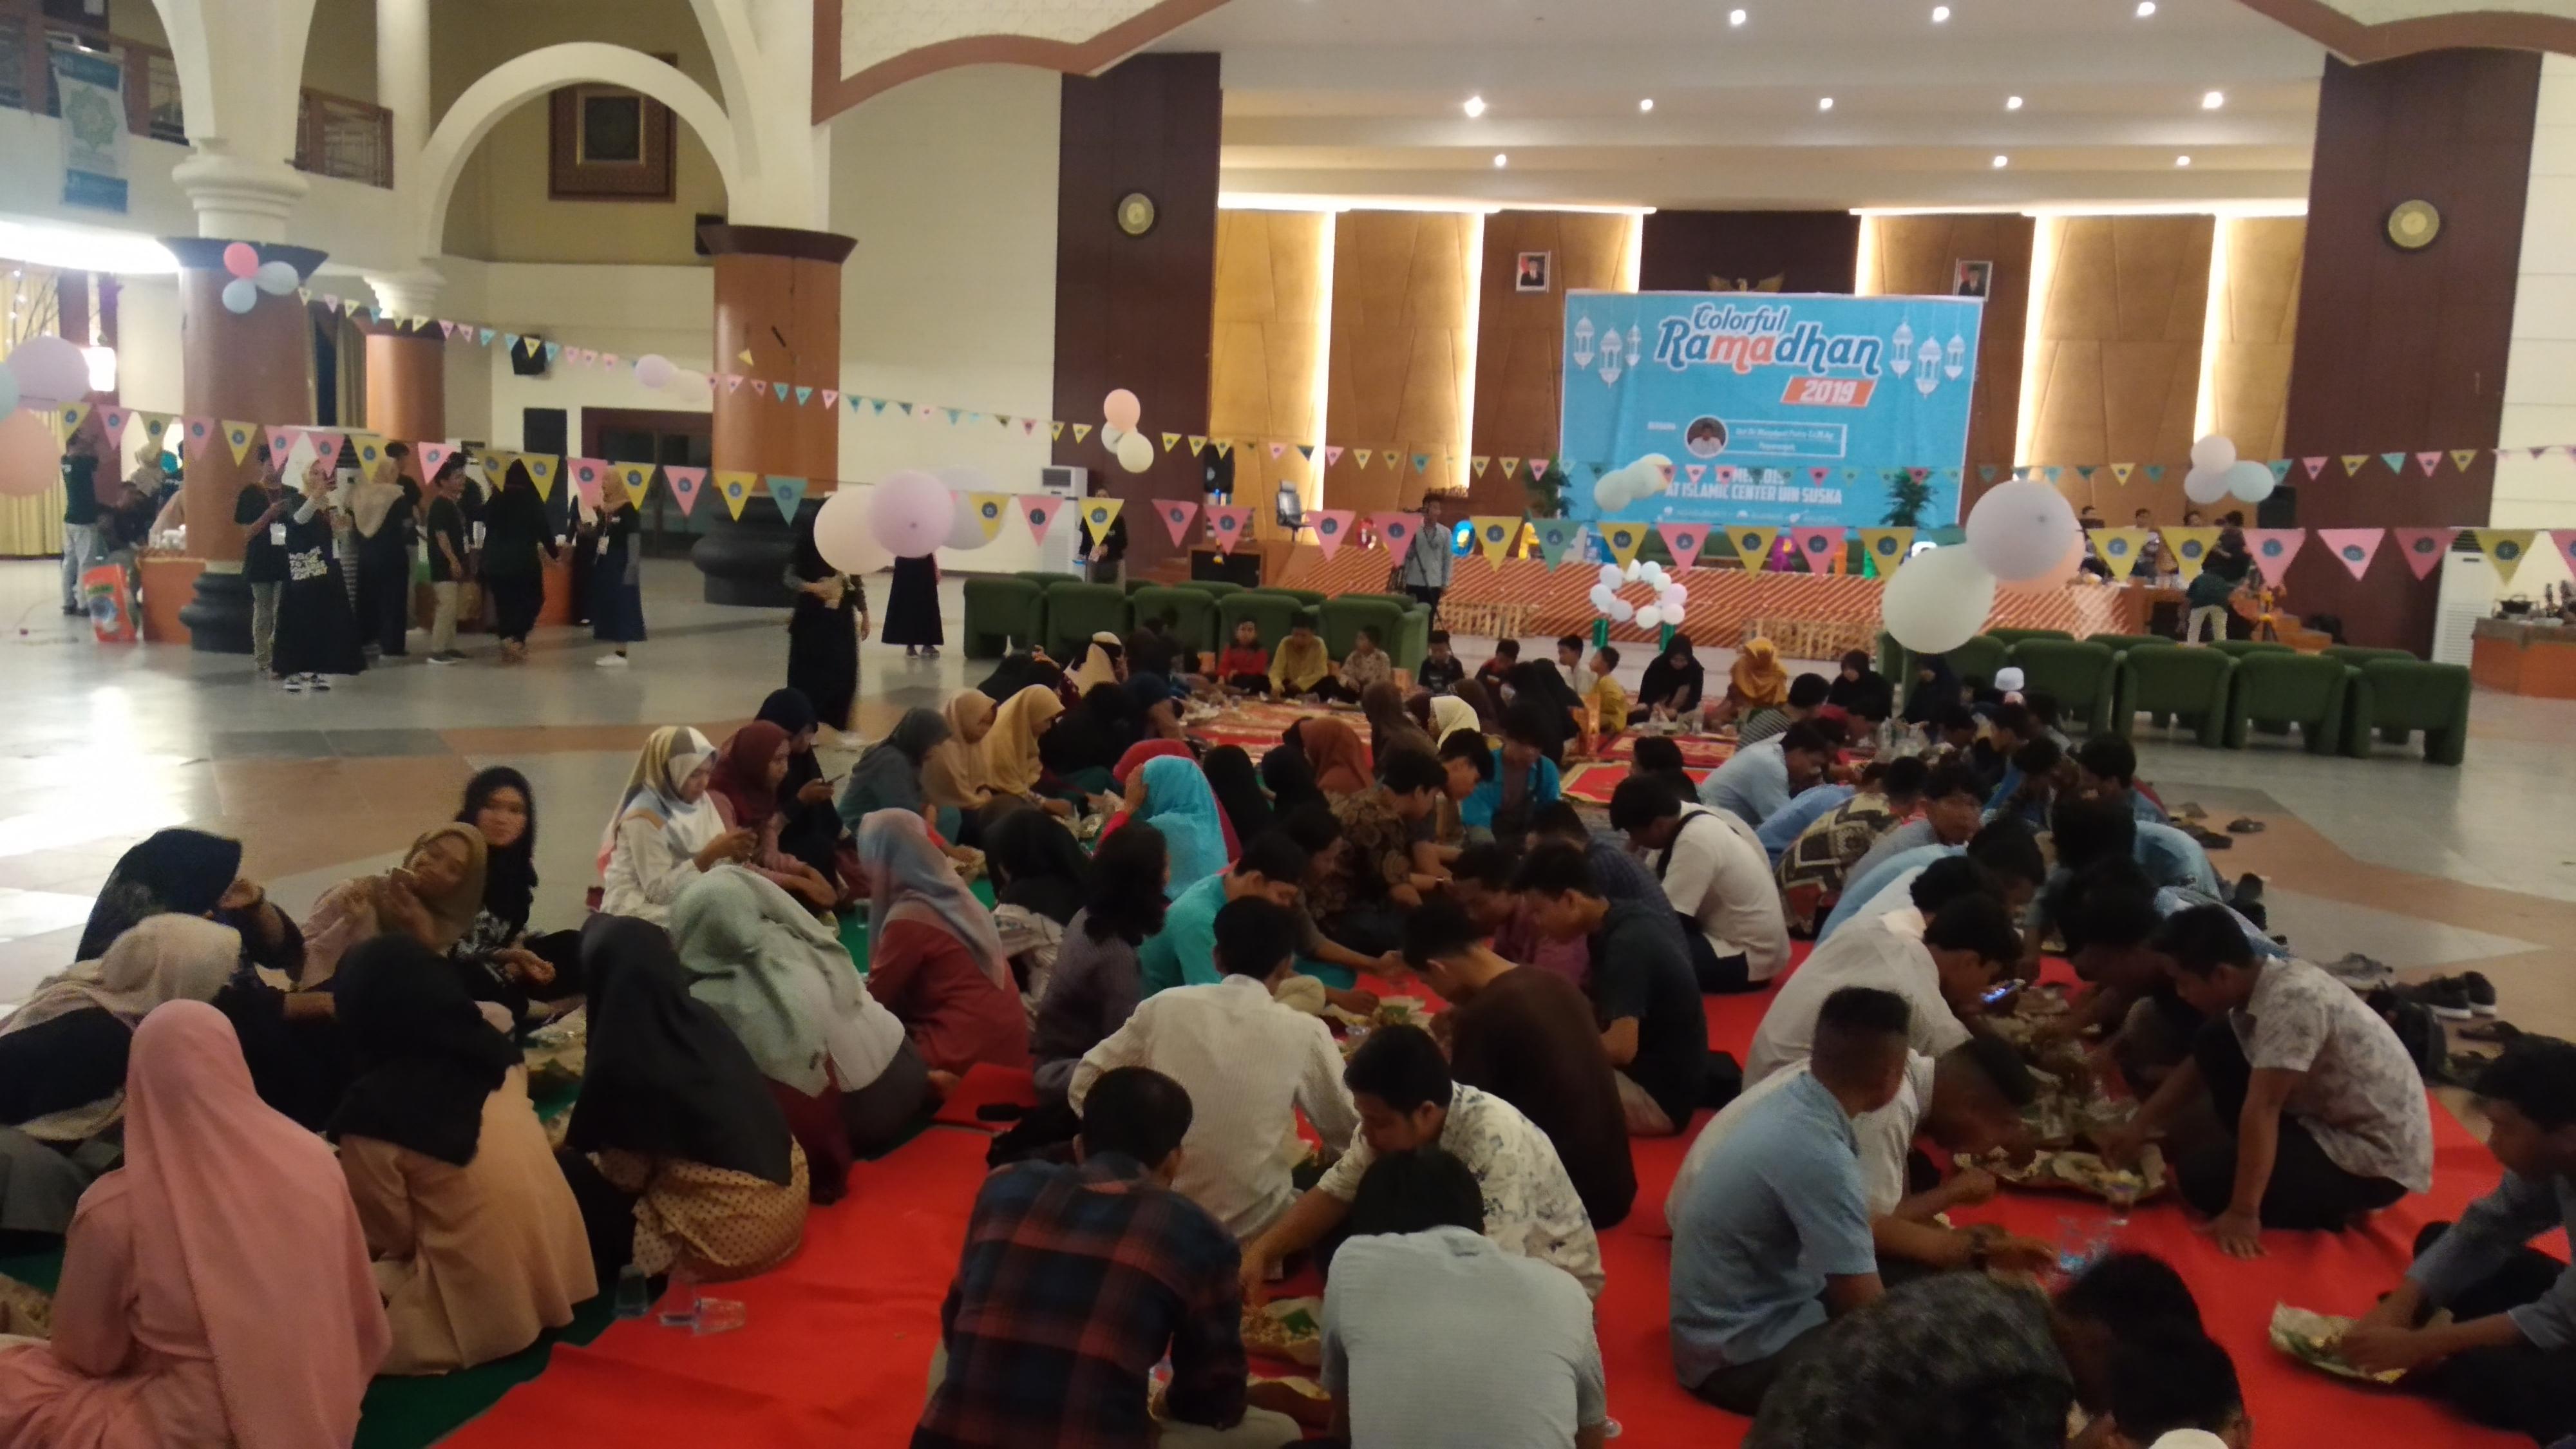 Acara Colorful Ramadhan mewarnai UIN SUSKA